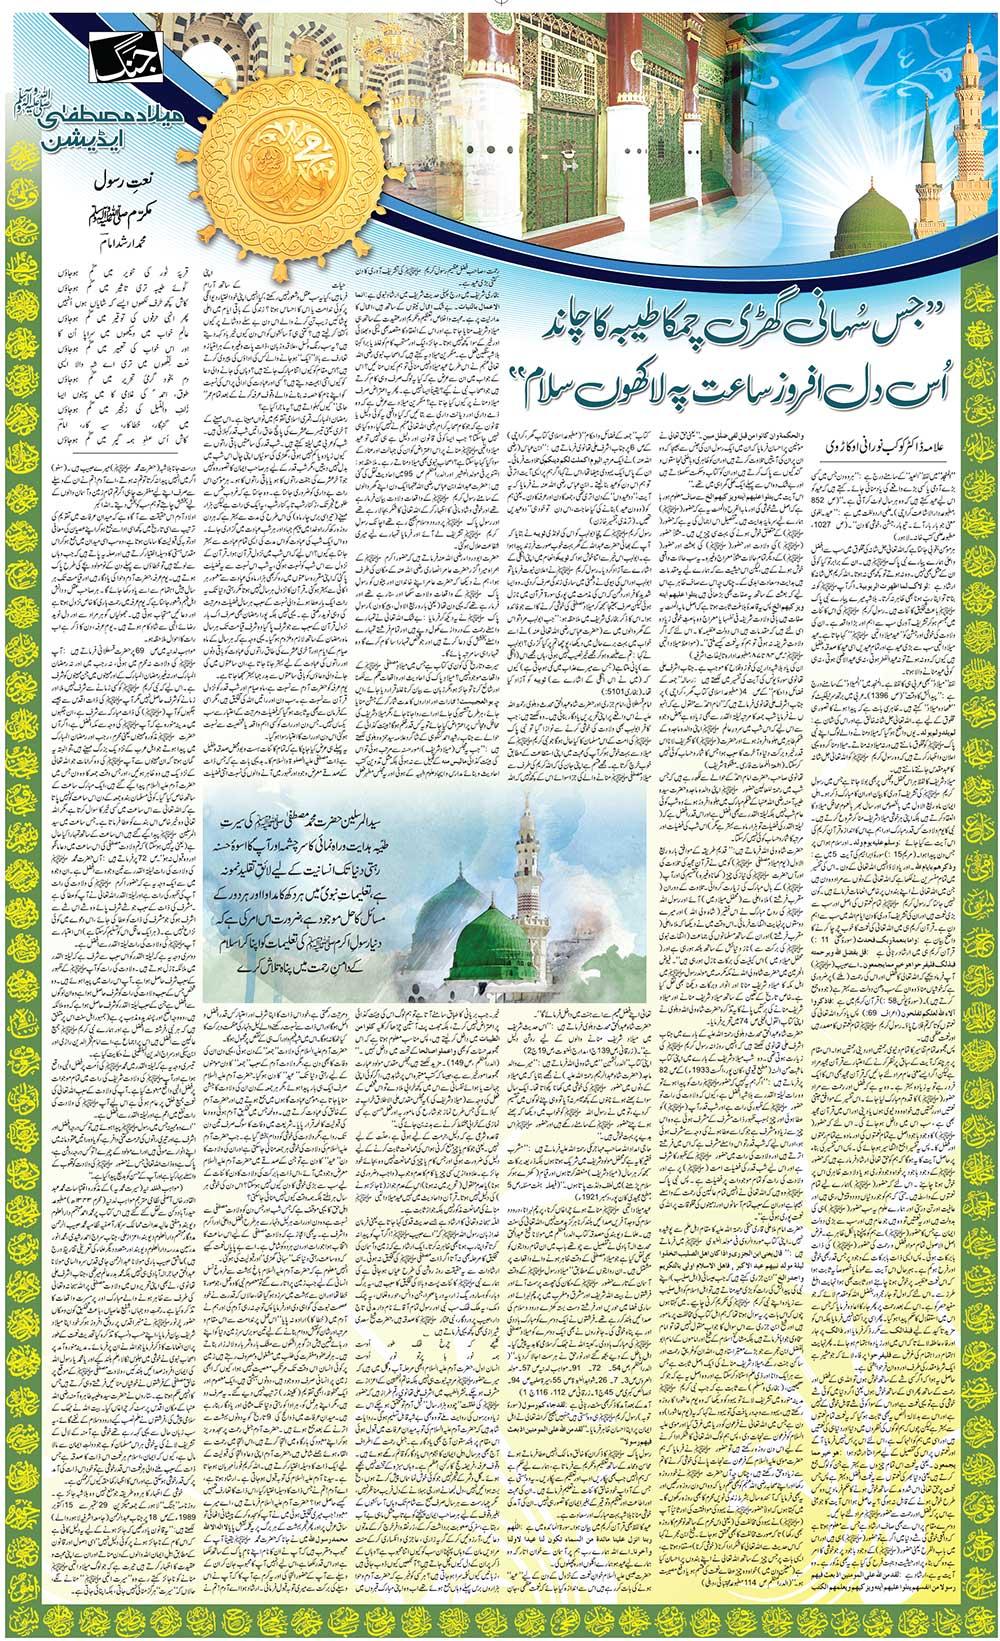 12 Rabi ul Awal speech on Eid Milad Un Nabi in Urdu is written in PDF